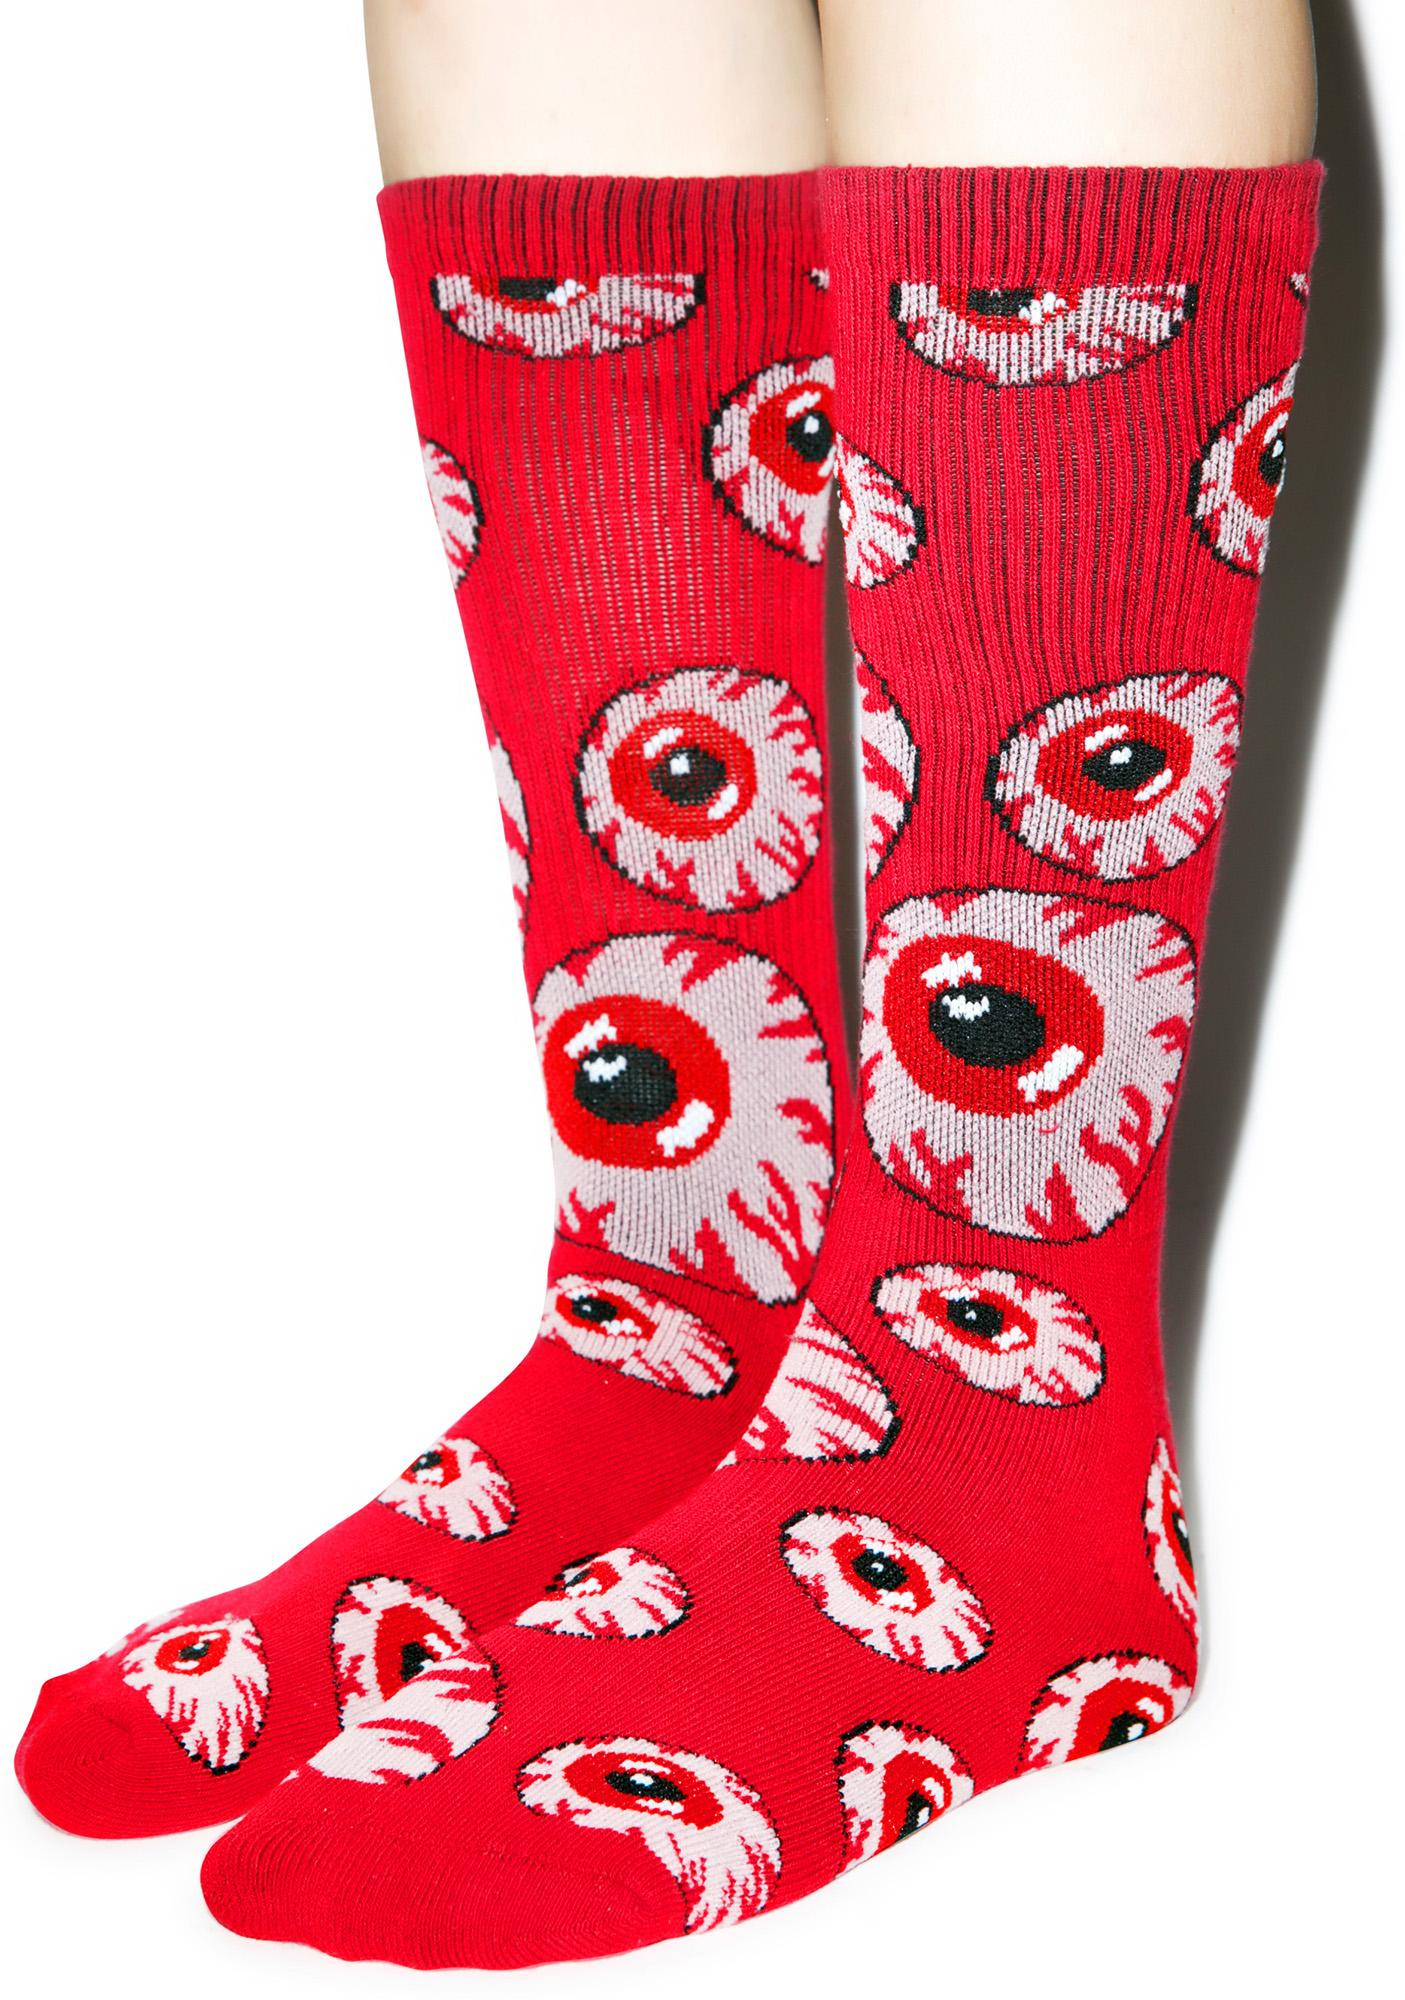 Mishka Tonal Keep Watch Pattern Socks